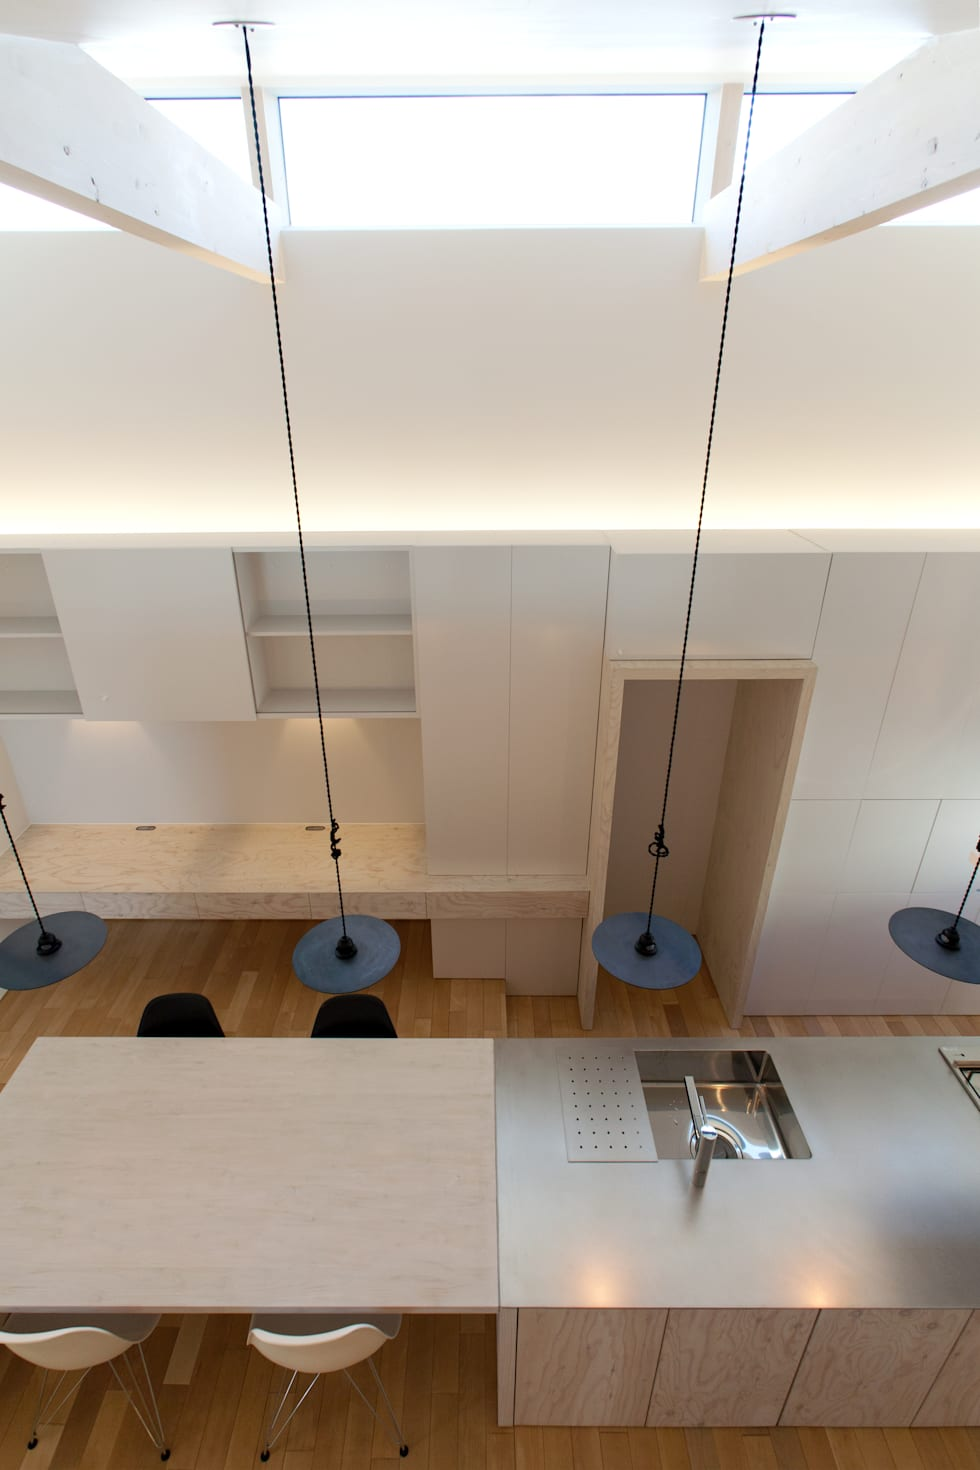 キッチン: 一級建築士事務所 Atelier Casaが手掛けたキッチンです。